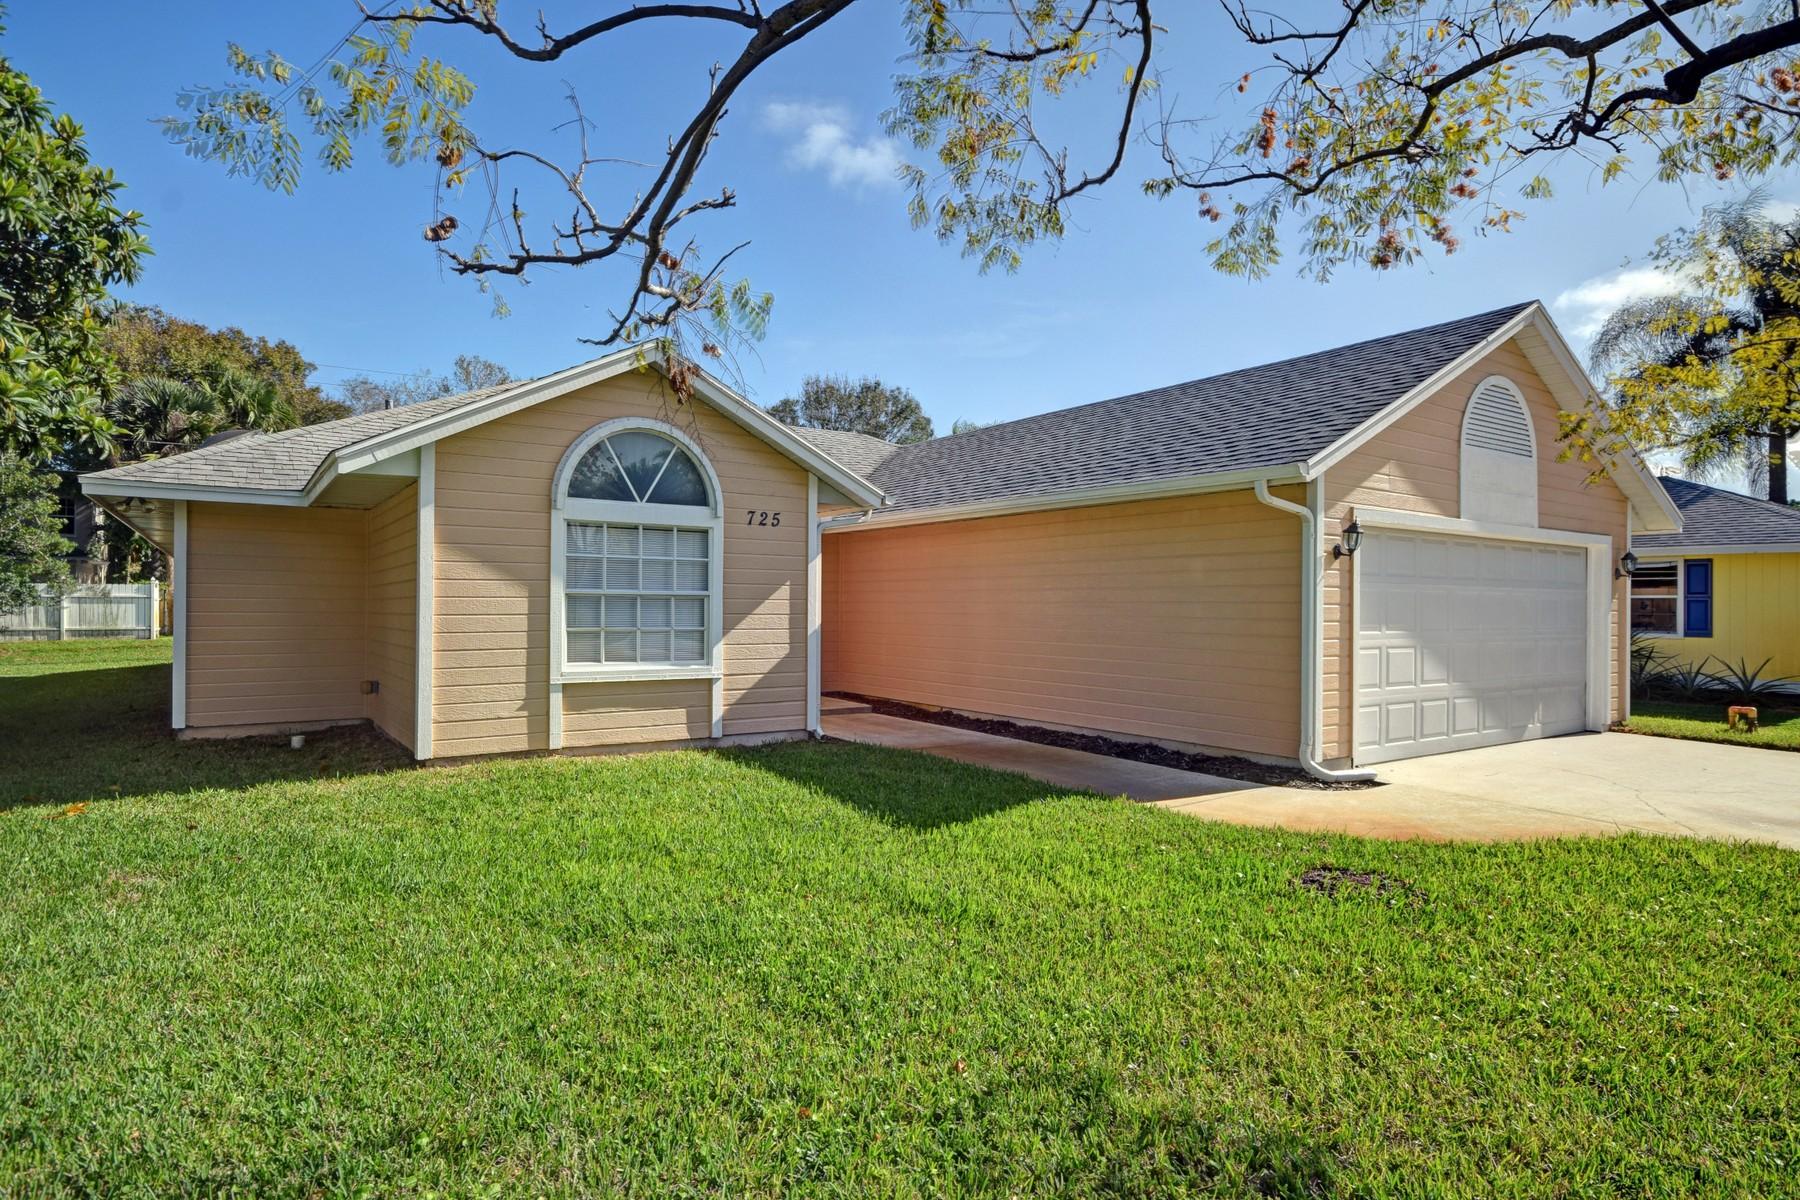 Villa per Vendita alle ore Awesome Home with Many Upgrades 725 24th Square Vero Beach, Florida 32962 Stati Uniti